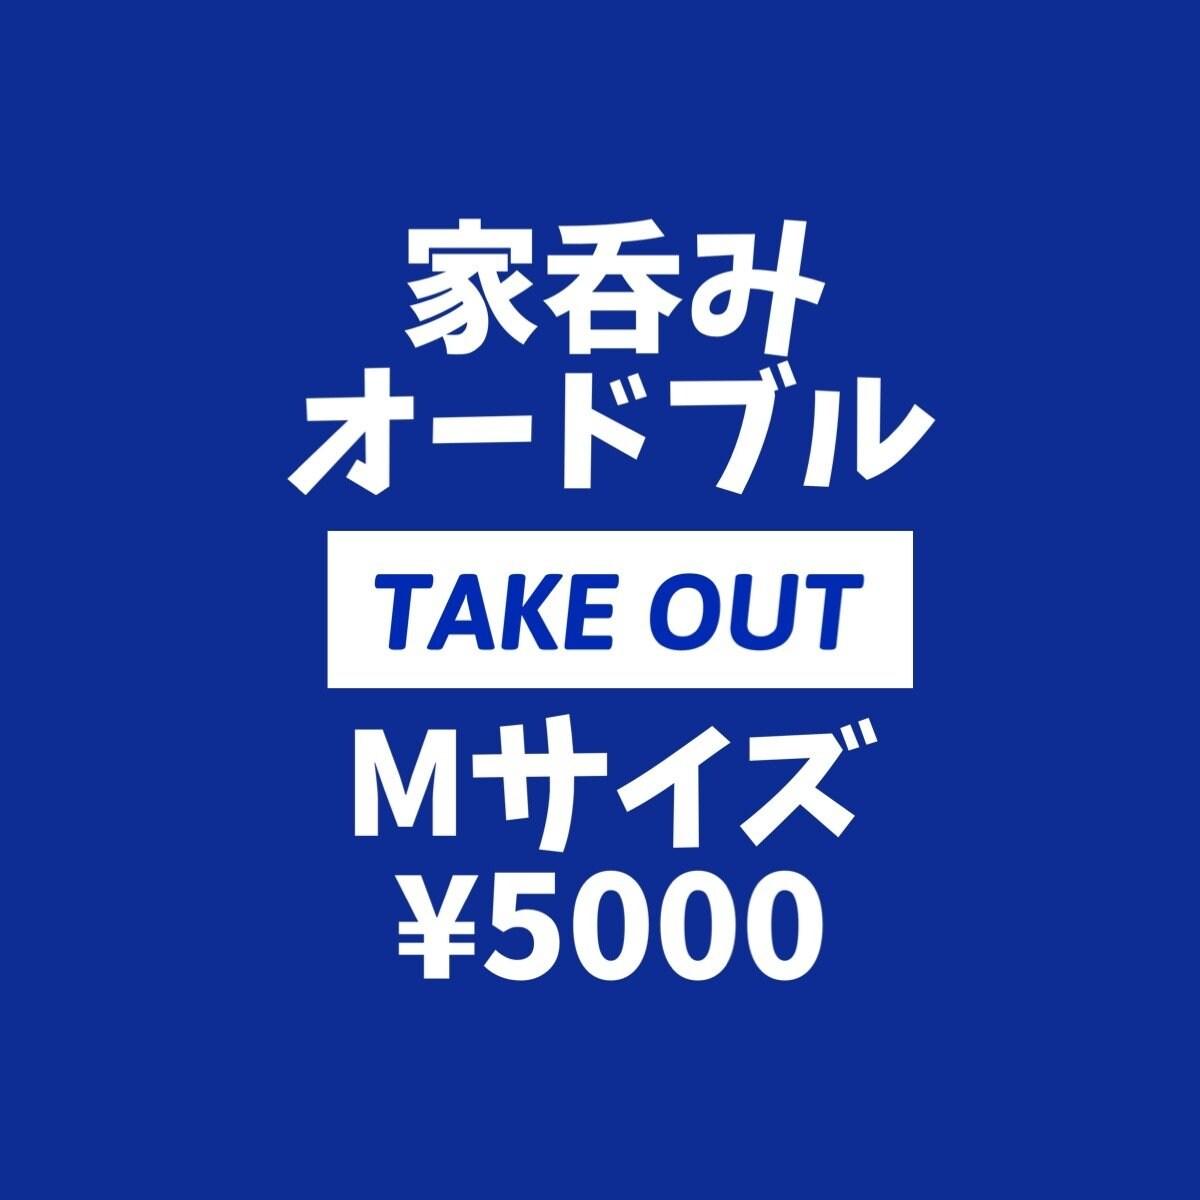 【テイクアウト•店頭支払いのみ専用】家呑みオードブルMサイズ¥5000のイメージその1